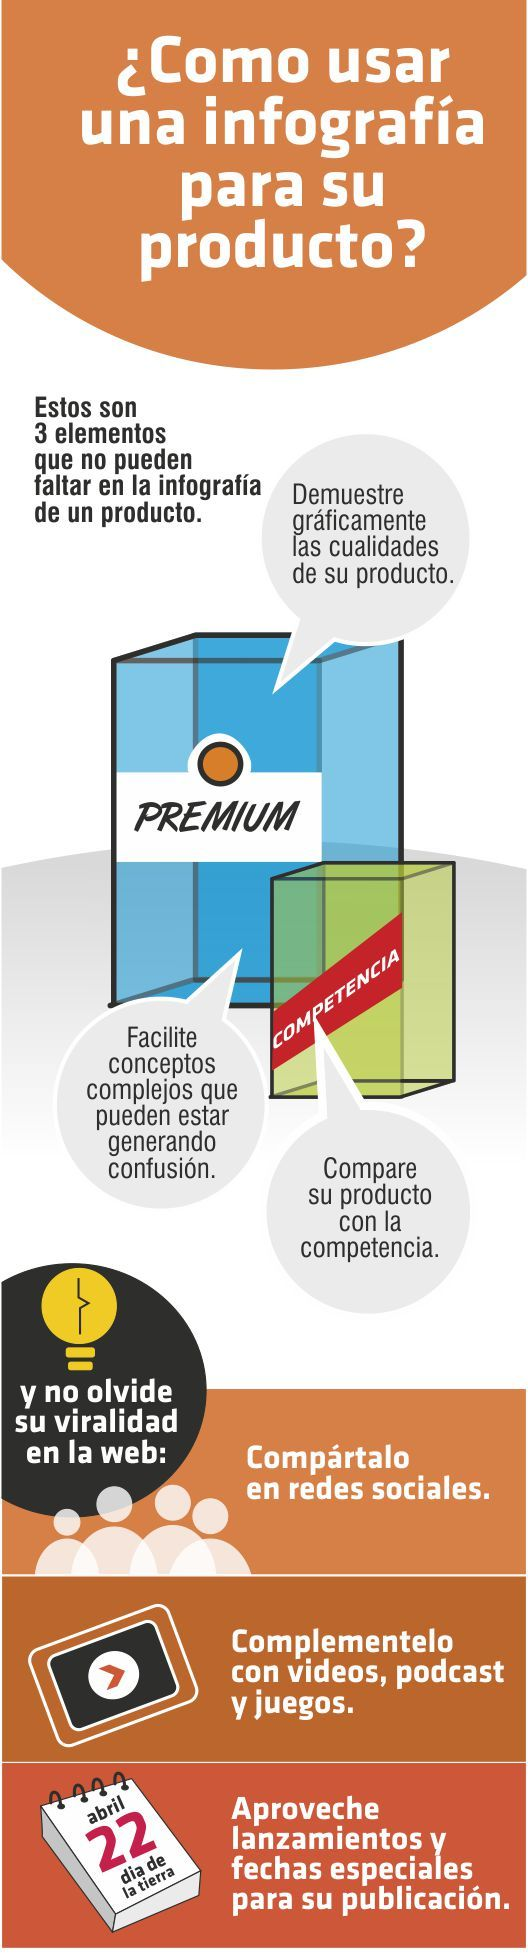 Cómo usar una infografía para un producto #infografia